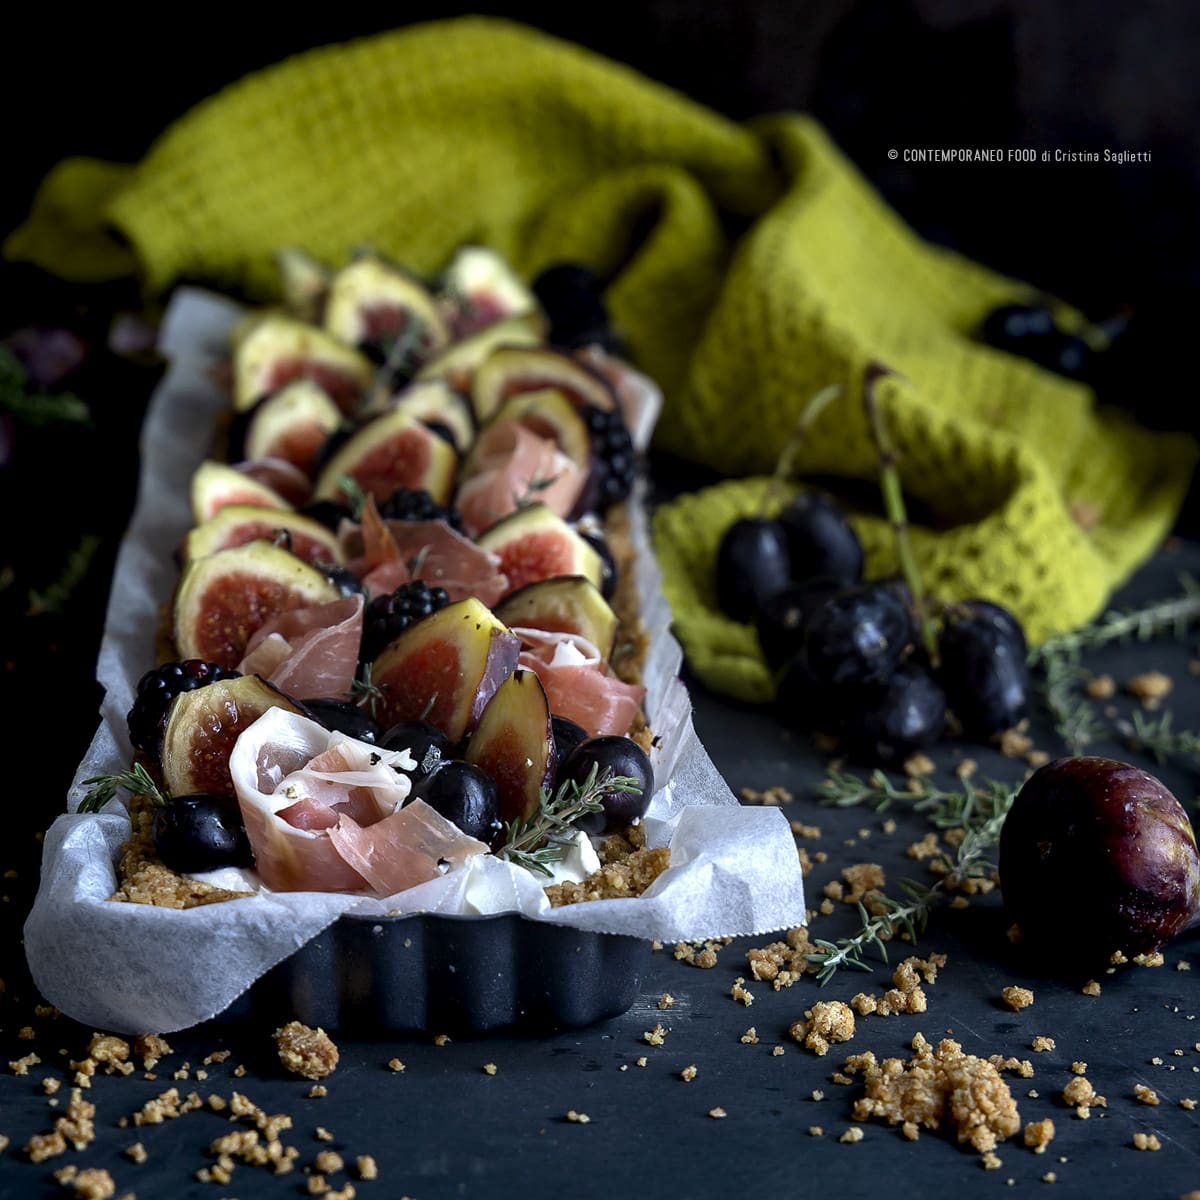 torta-salata-ai-fichi-ricotta-formaggio-blu-crudo-uva-more-ricetta-facile-antipasto-contemporaneofood